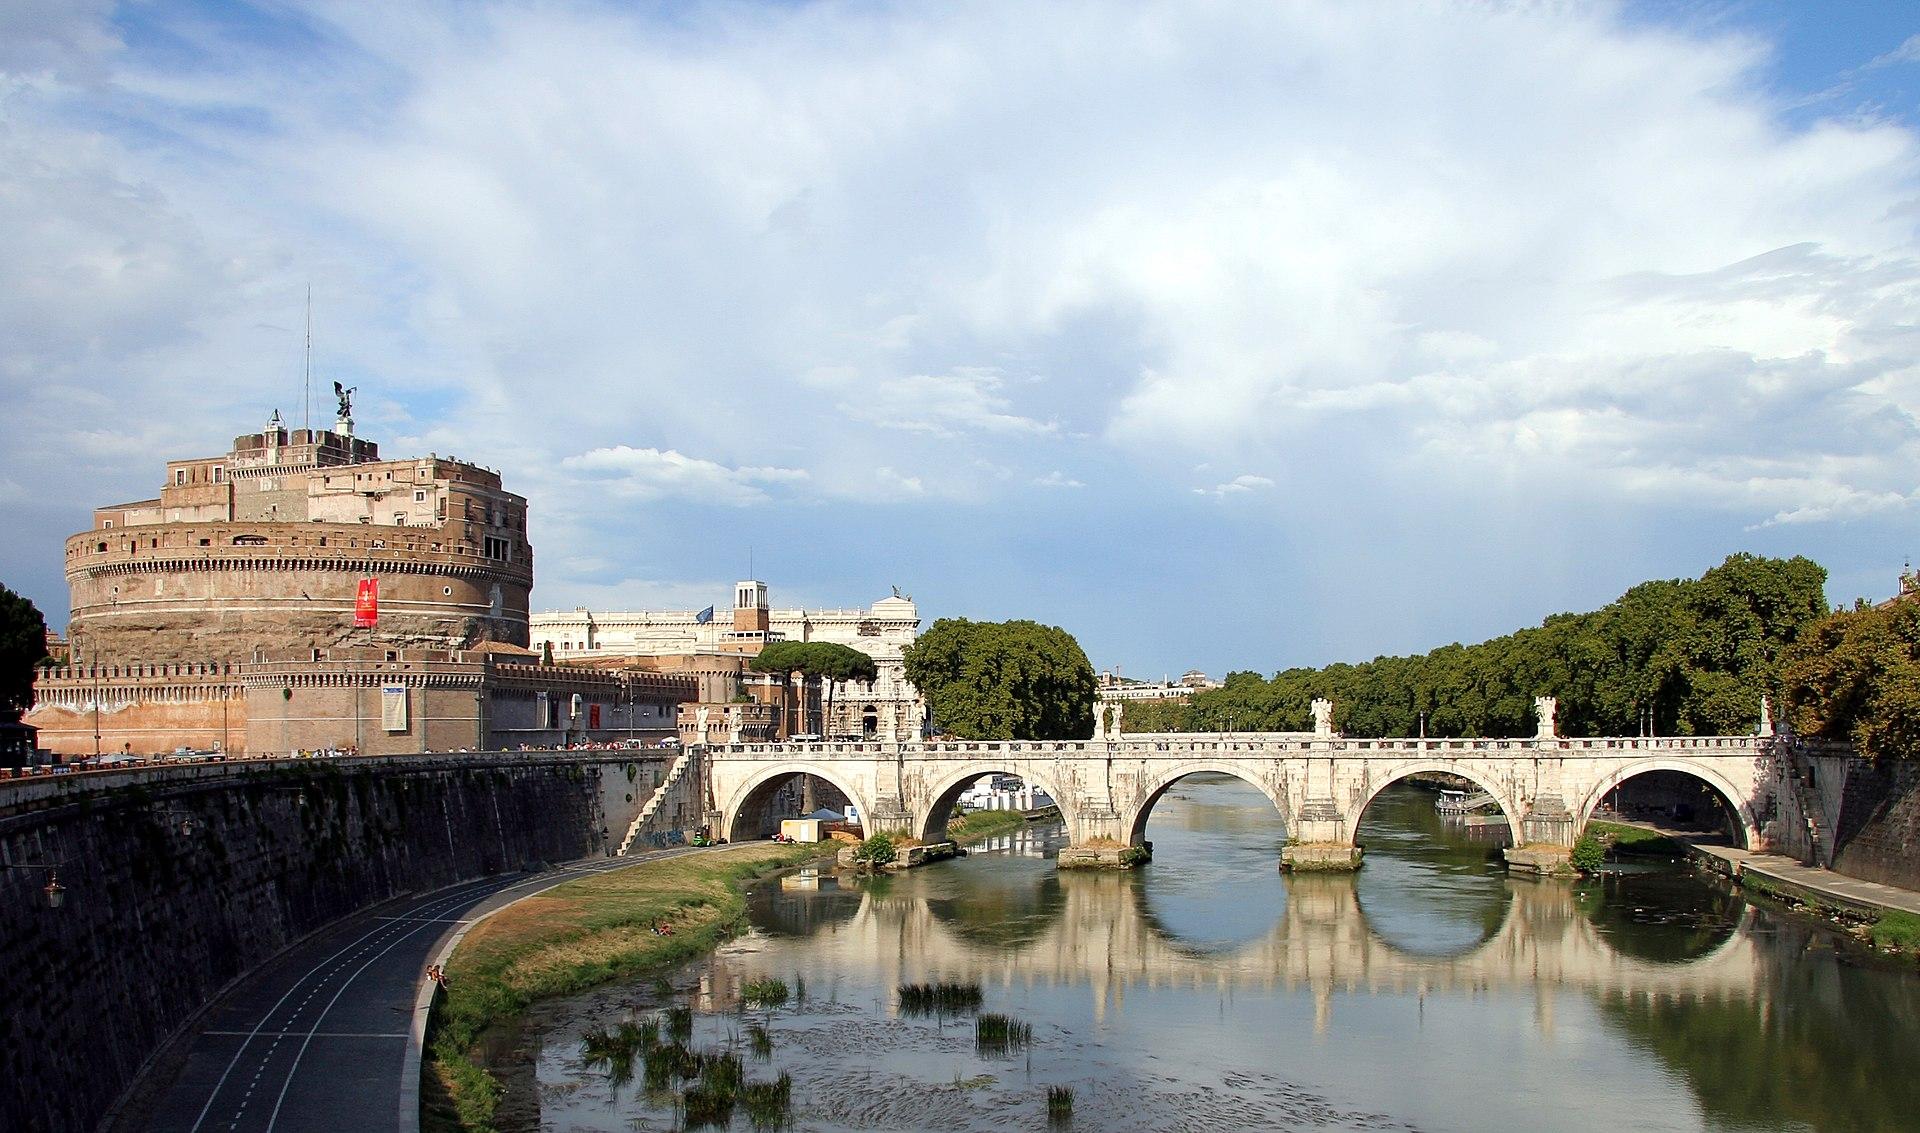 Ponti di roma wikipedia for Foto di ponti coperti